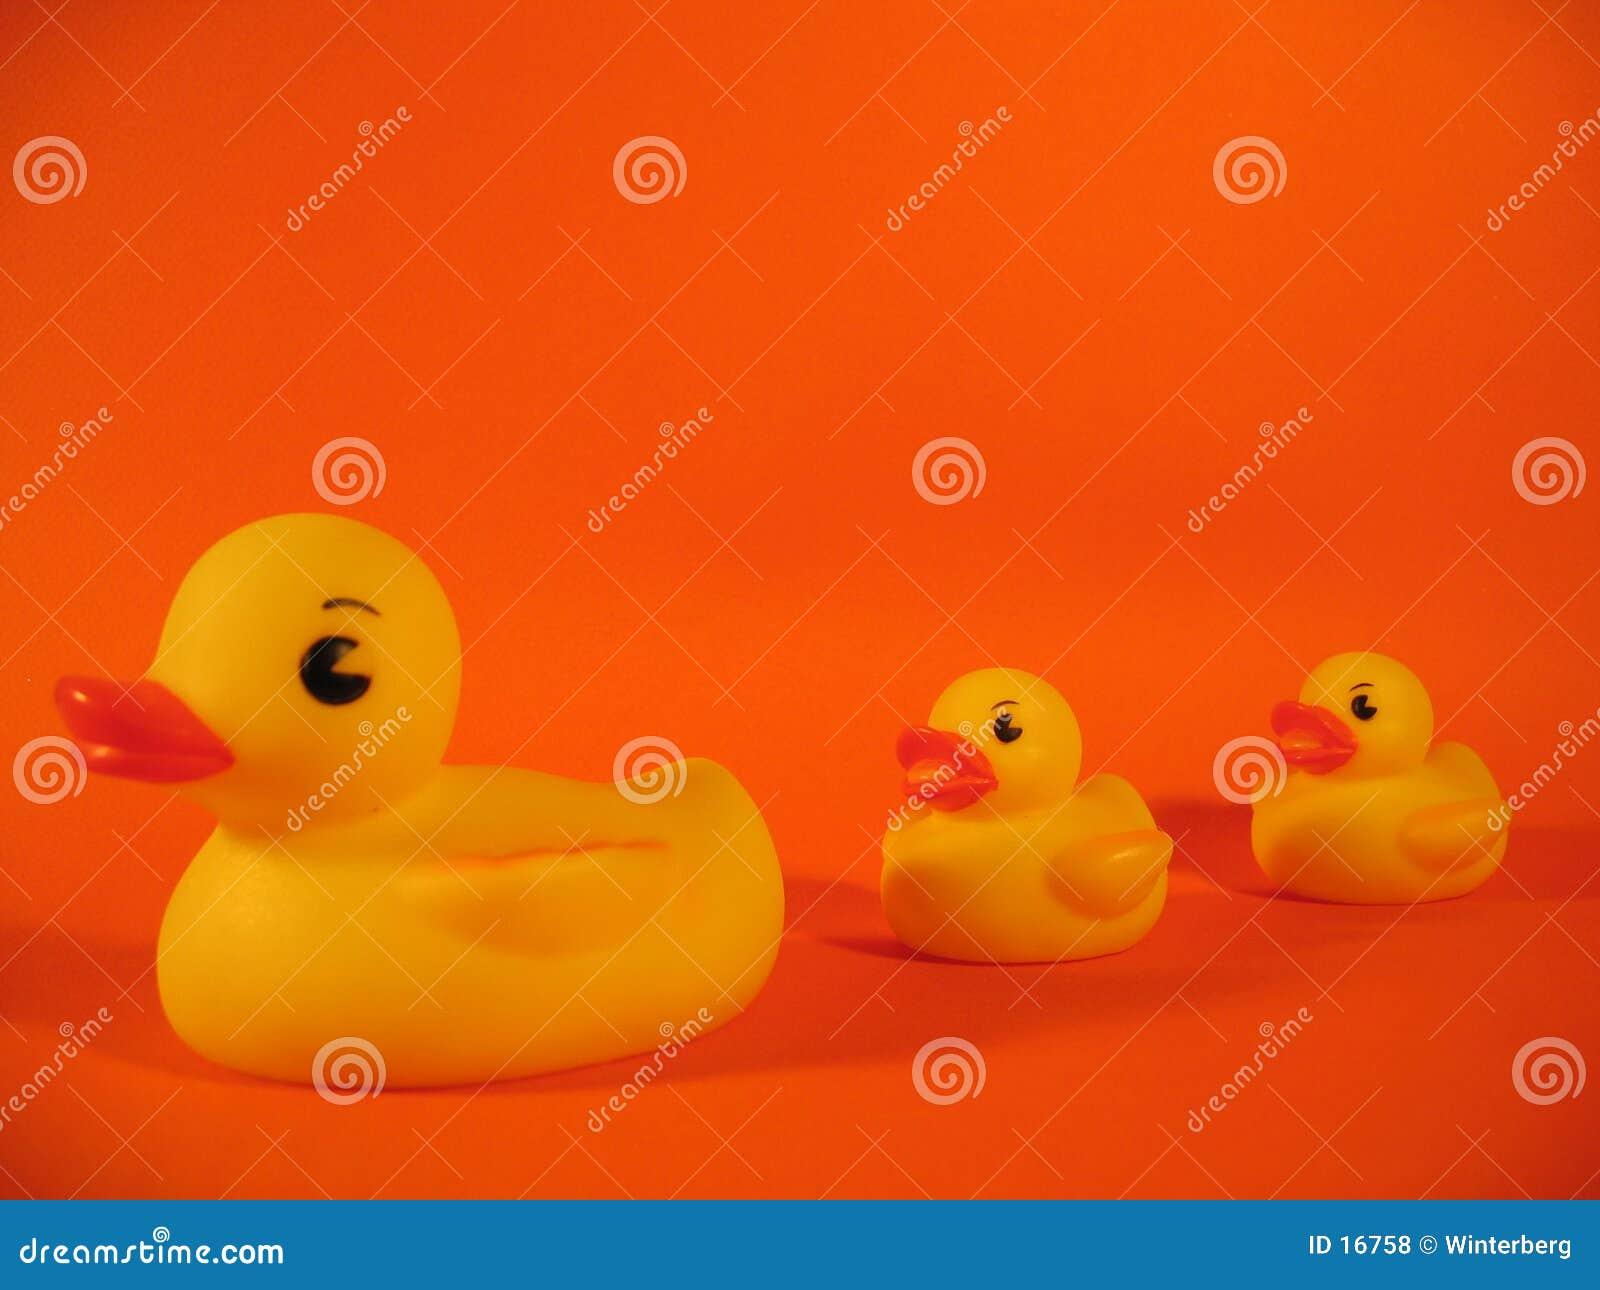 Ducky οικογένεια ι λάστιχο